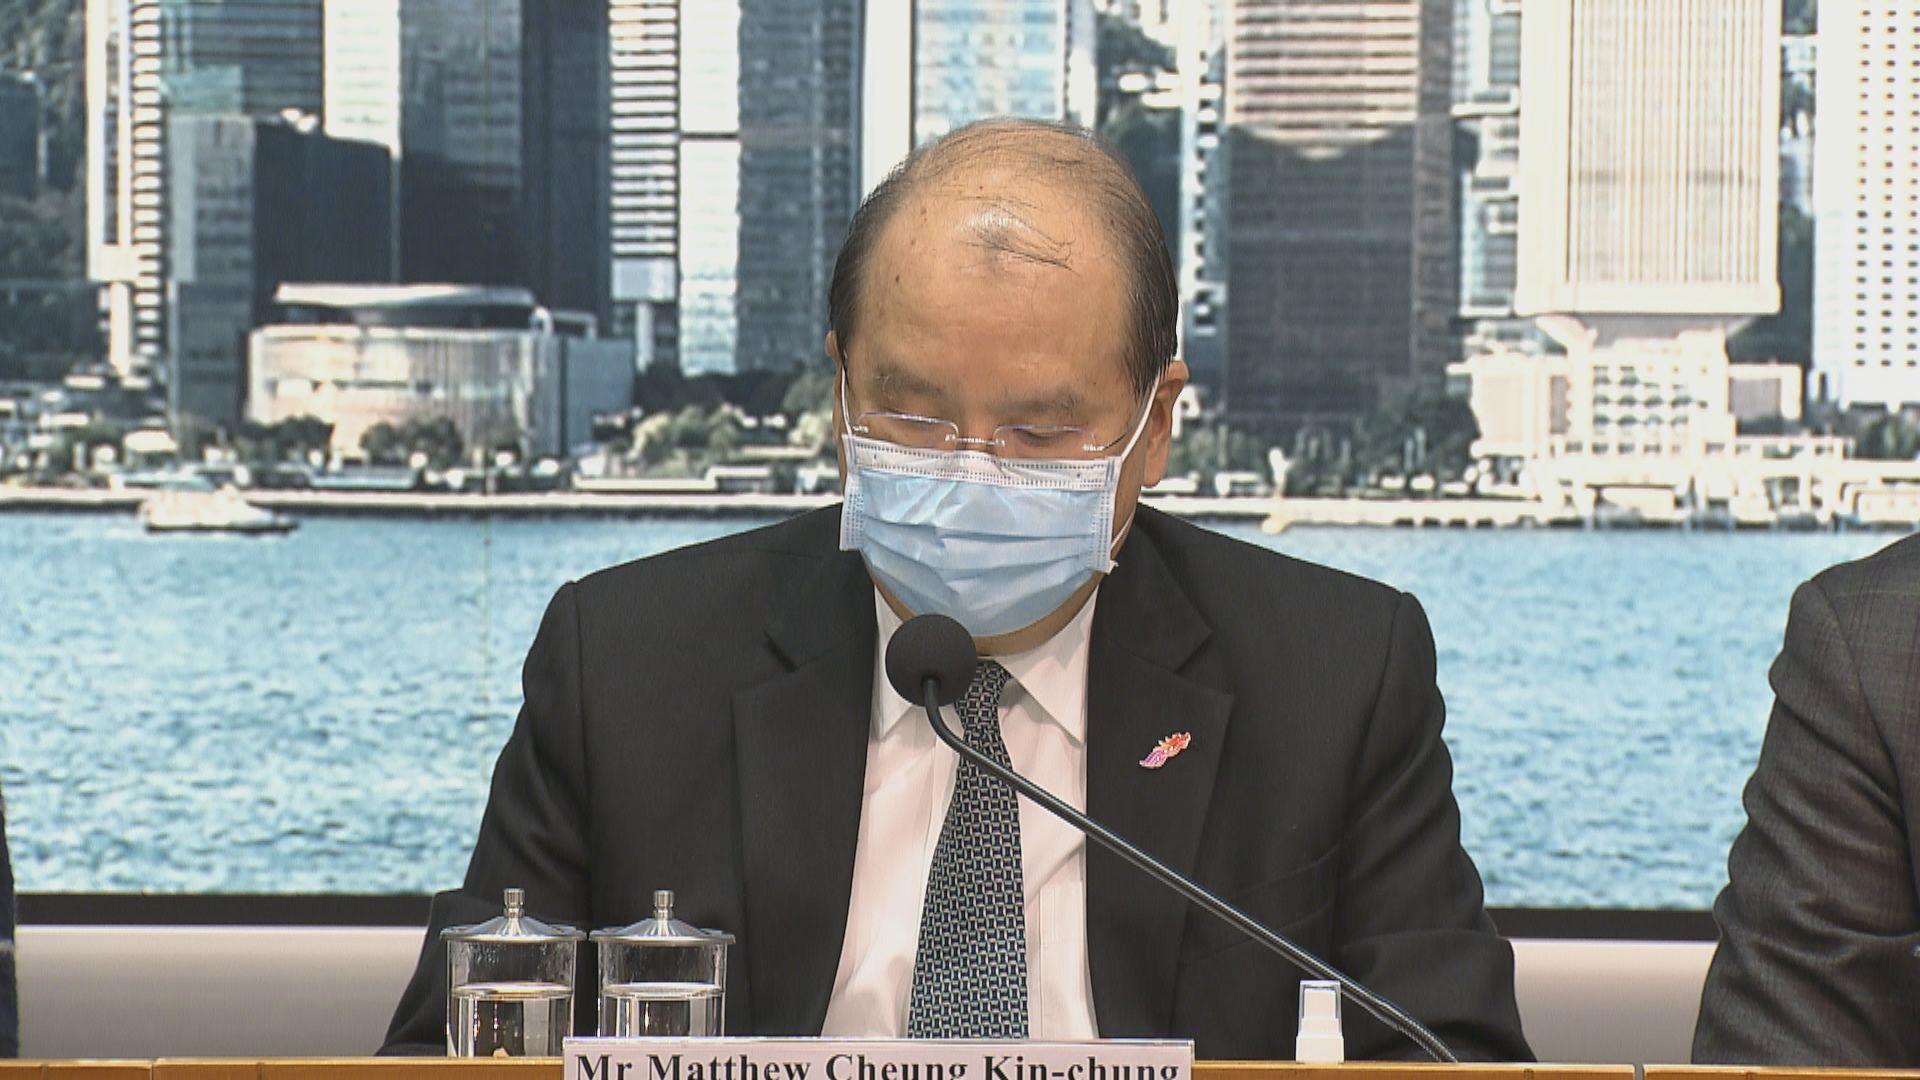 張建宗:有信心強檢措施可遏制疫情 讓停業處所新年後逐漸重開